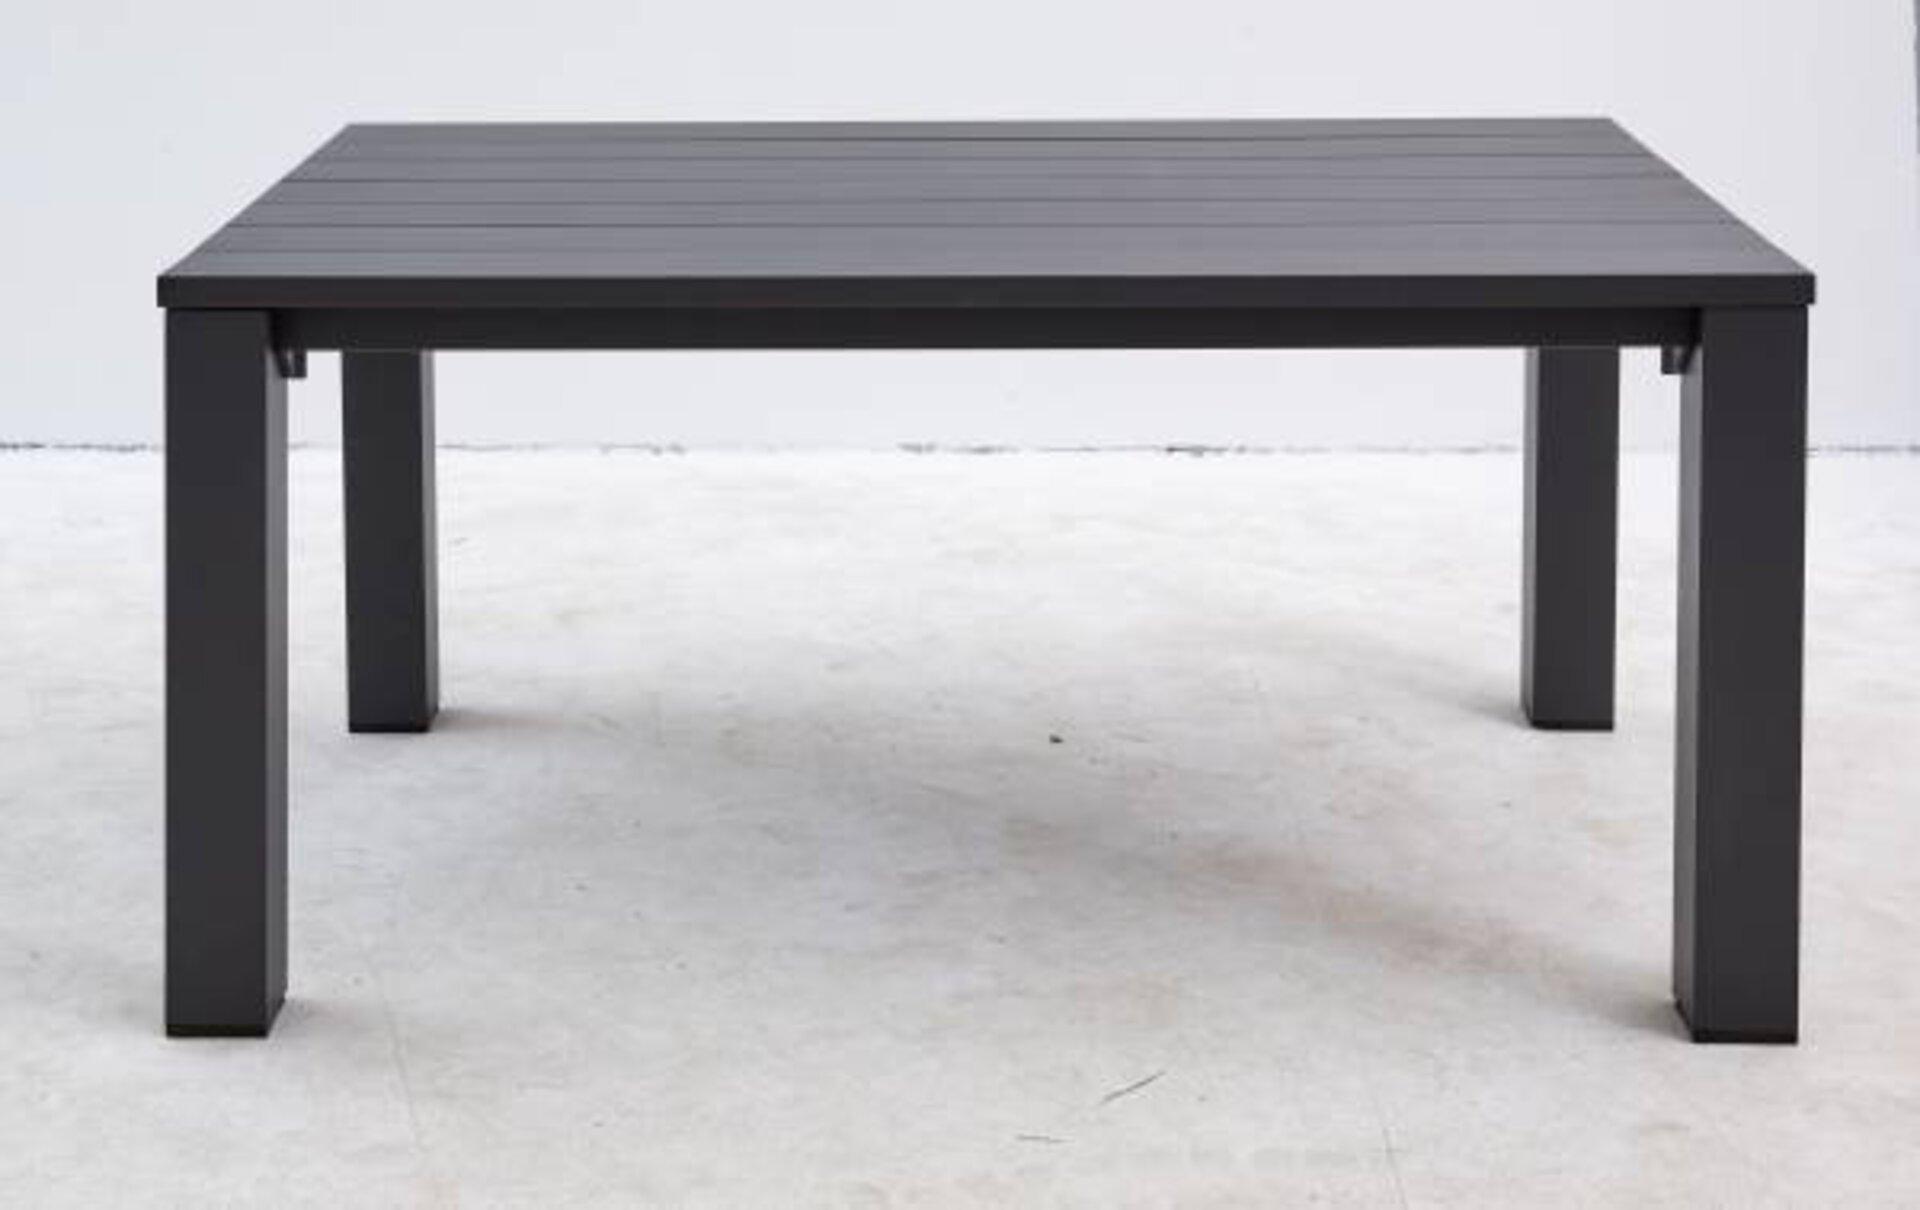 Gartentisch GASTRO Outdoor Metall grau 75 x 100 x 160 cm